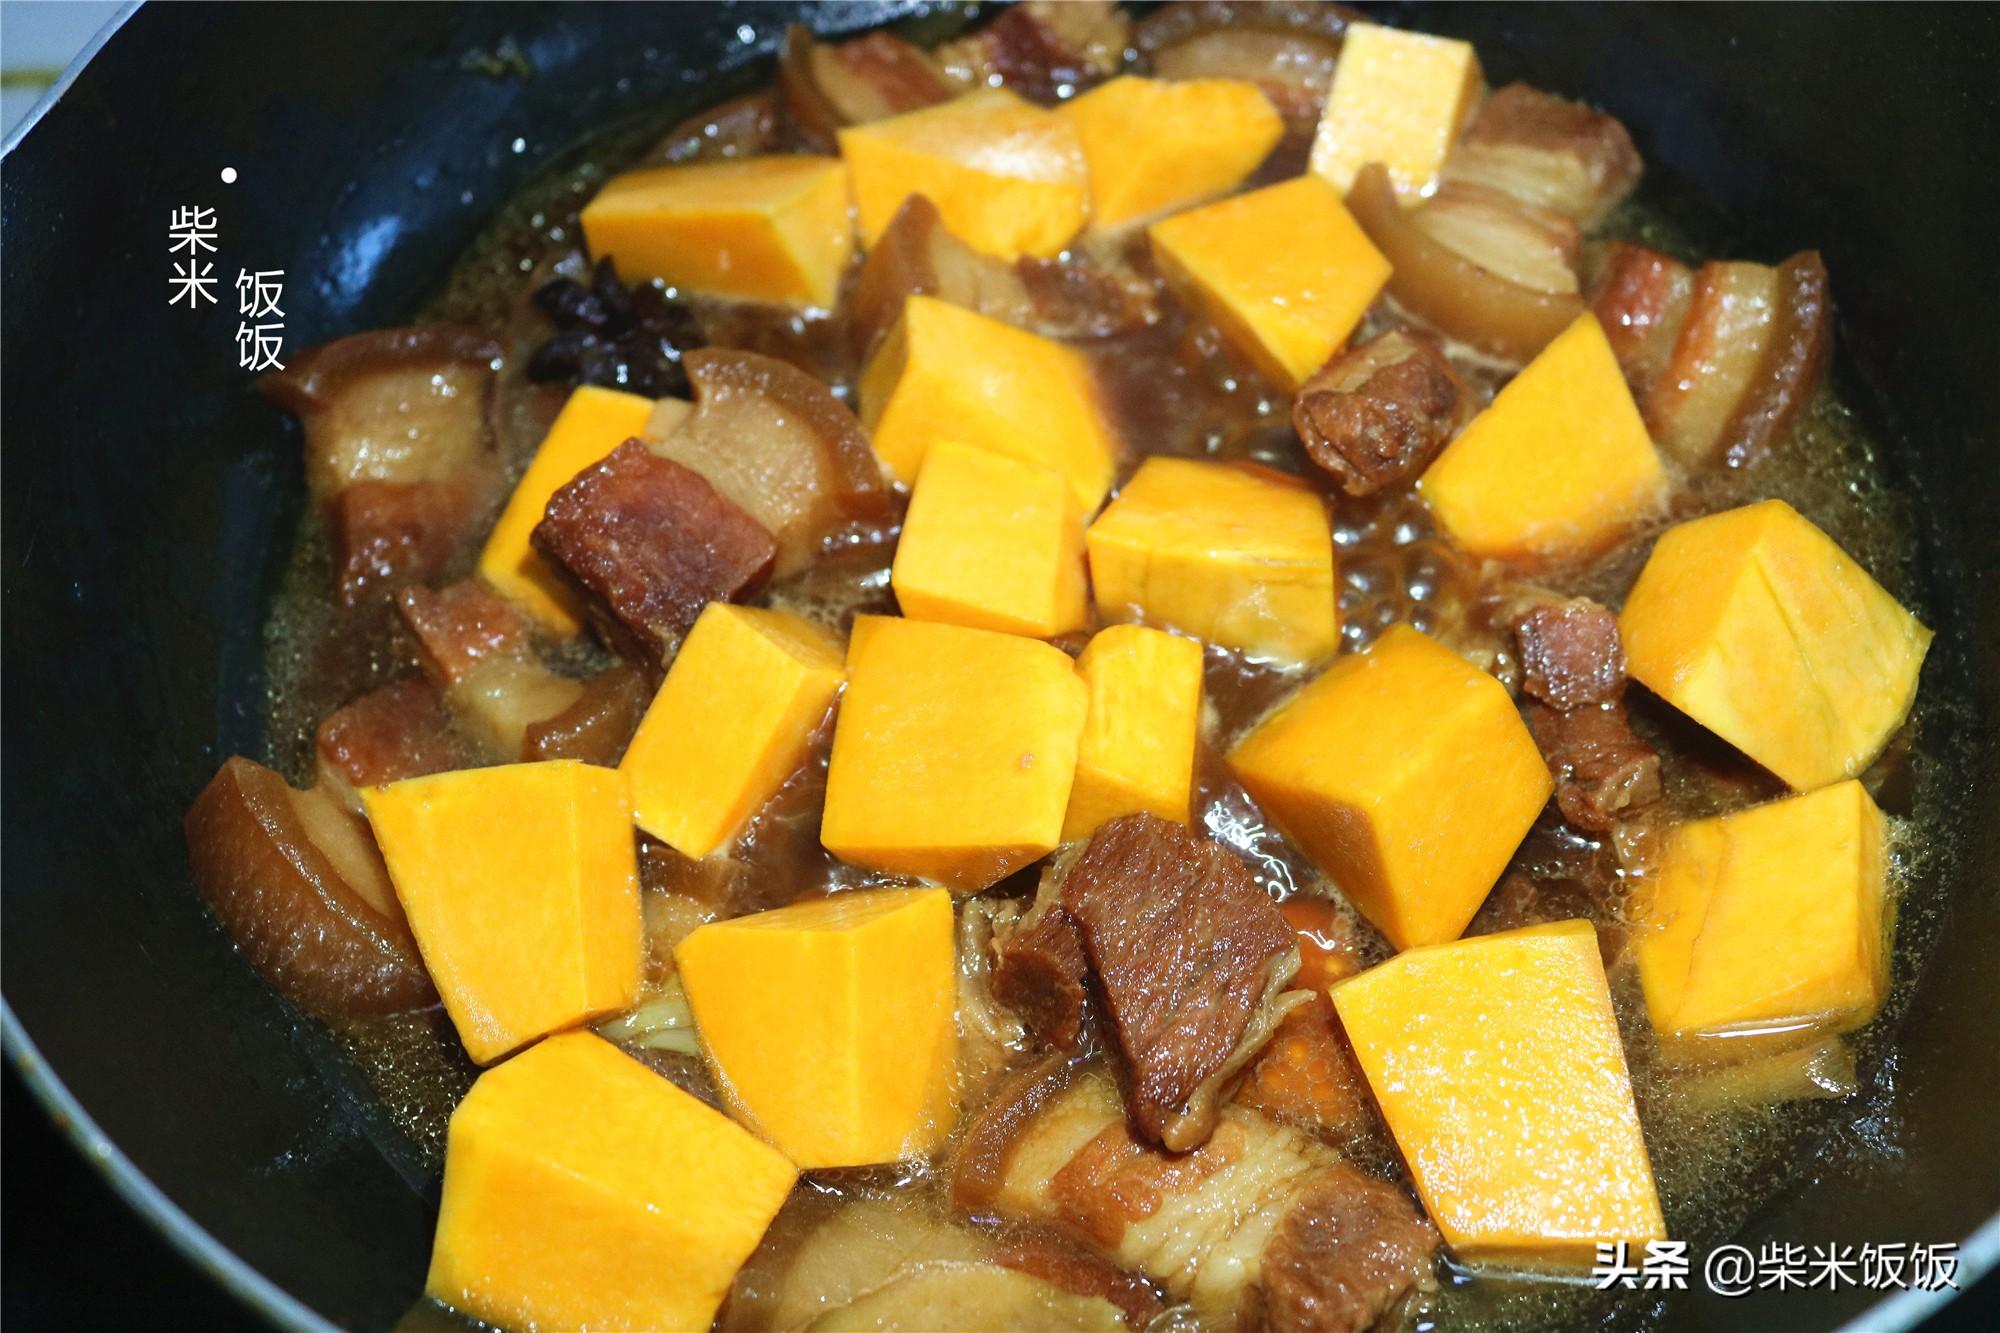 南瓜的神仙吃法,小火慢炖,又香又糯,端上桌大人孩子抢着吃